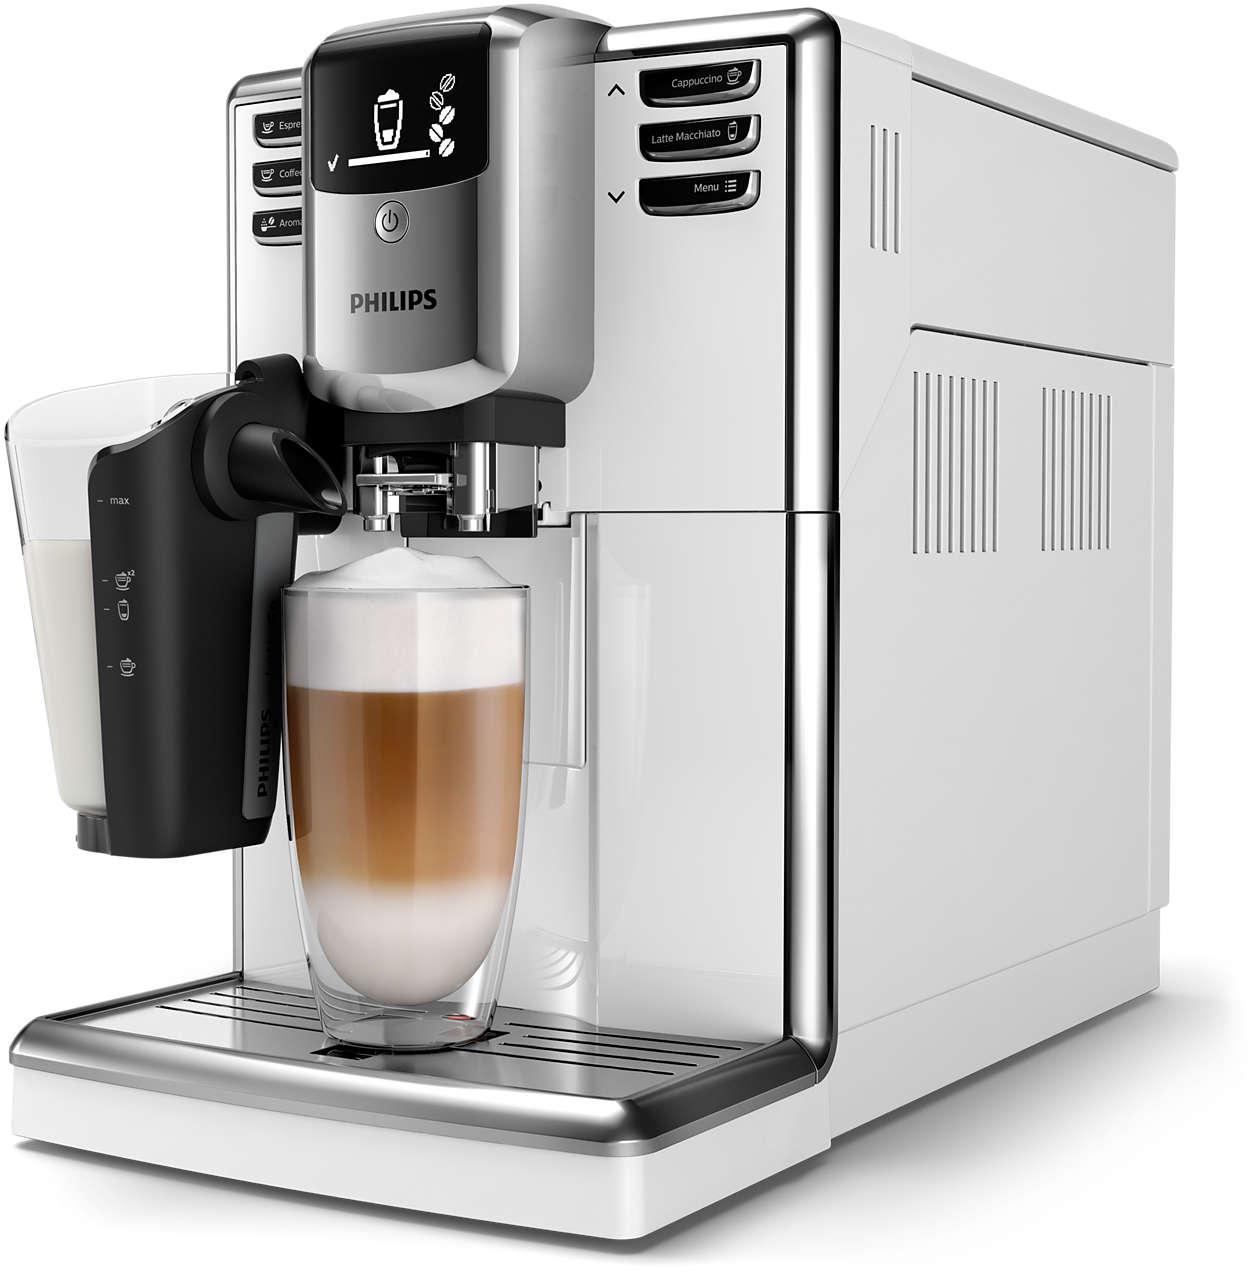 6 tipos de bebidas com café a partir de grãos frescos facilitadas